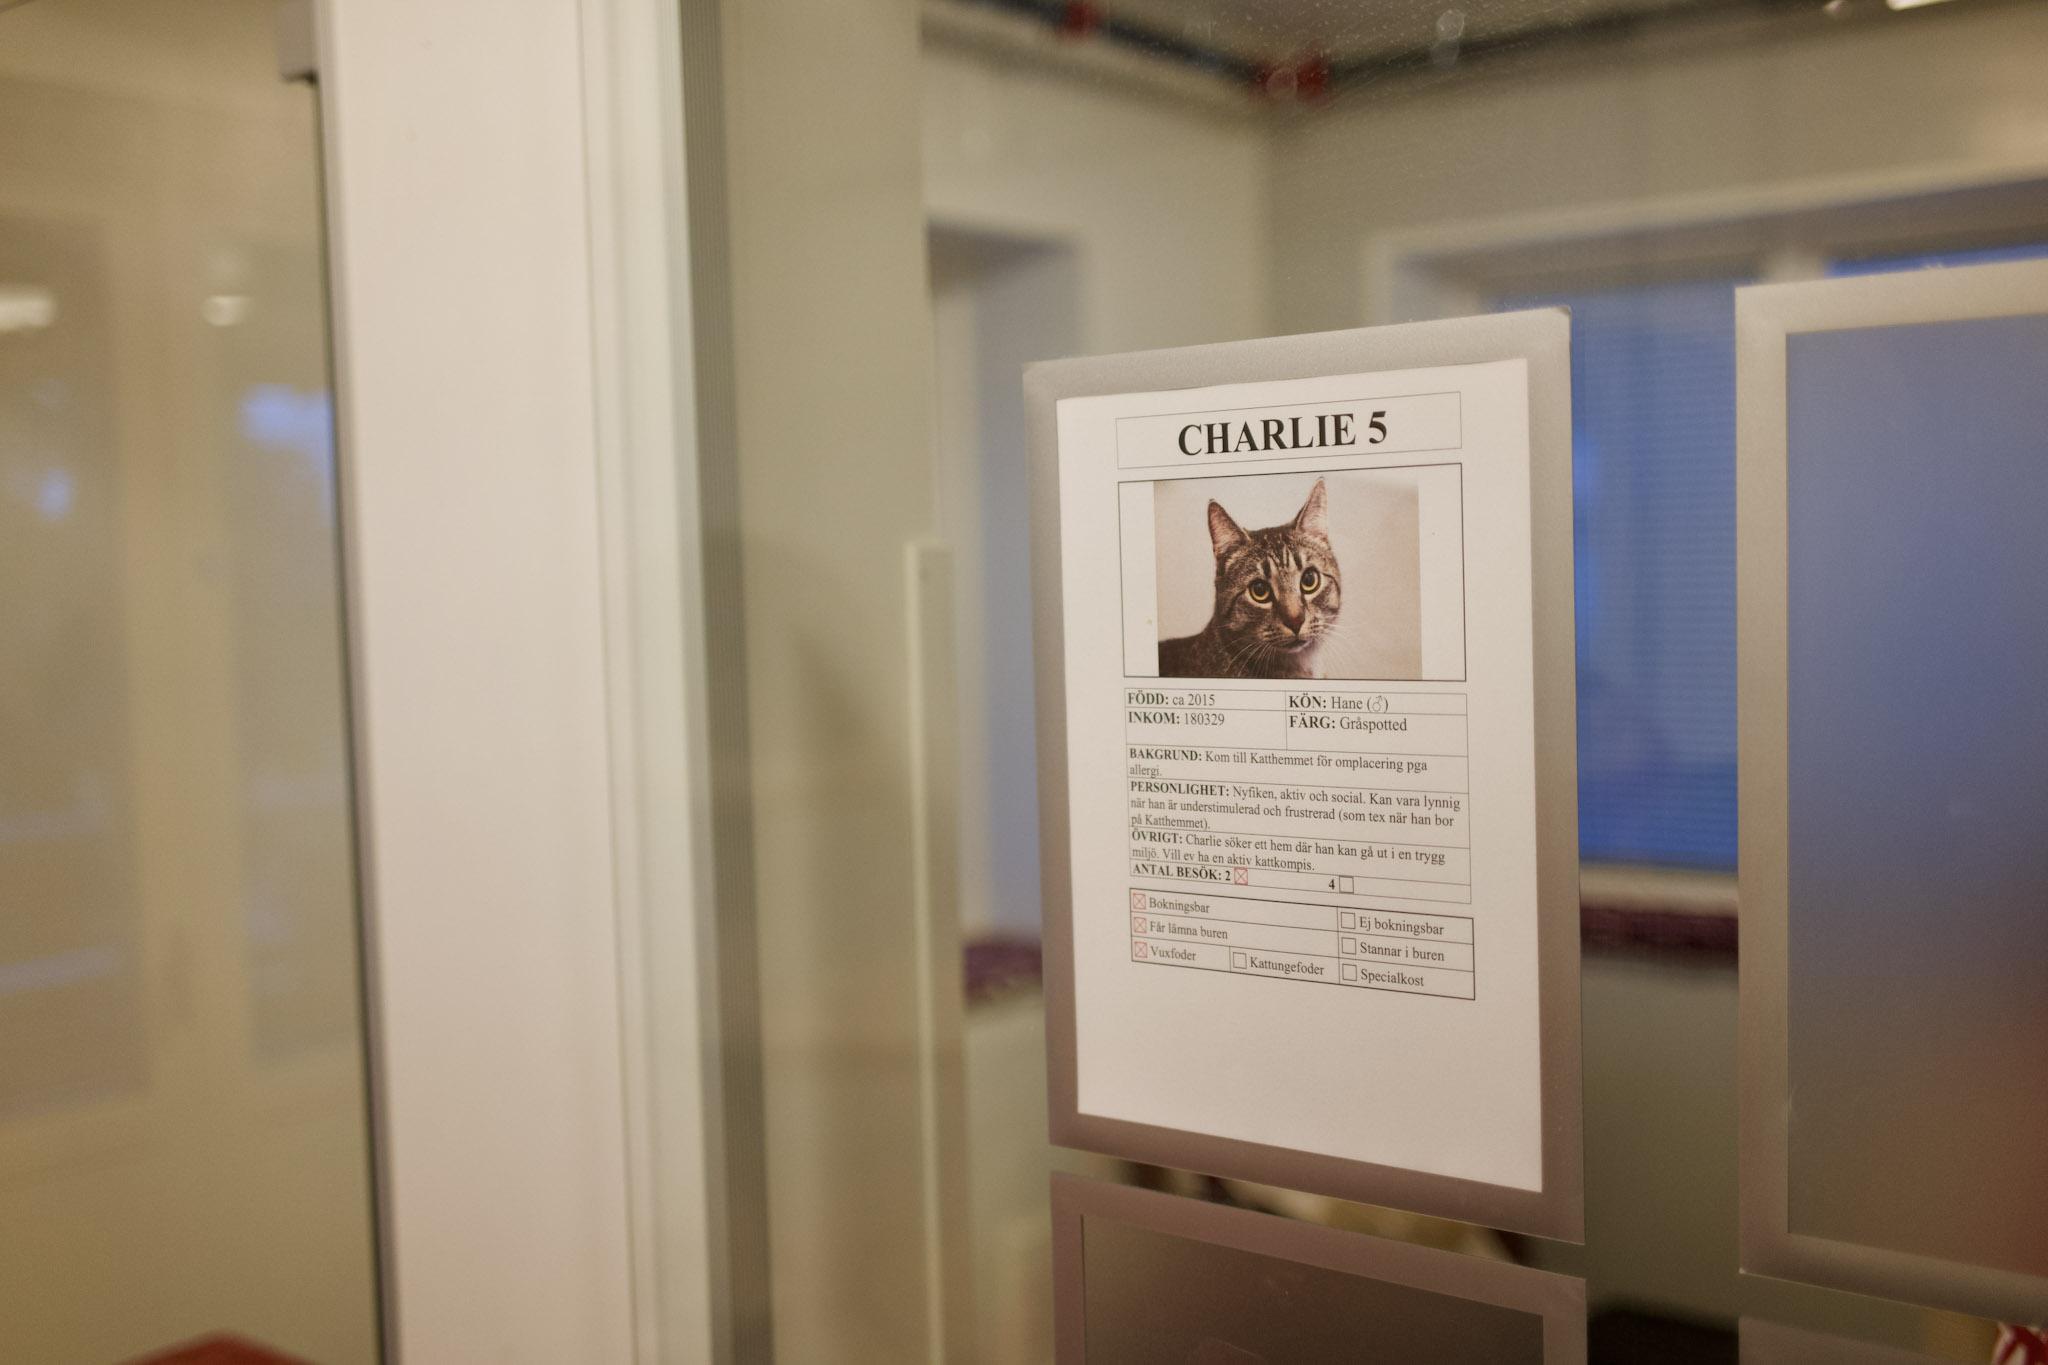 Charlie くんのお部屋にお邪魔した(5 匹目の Charlie だかららしい)